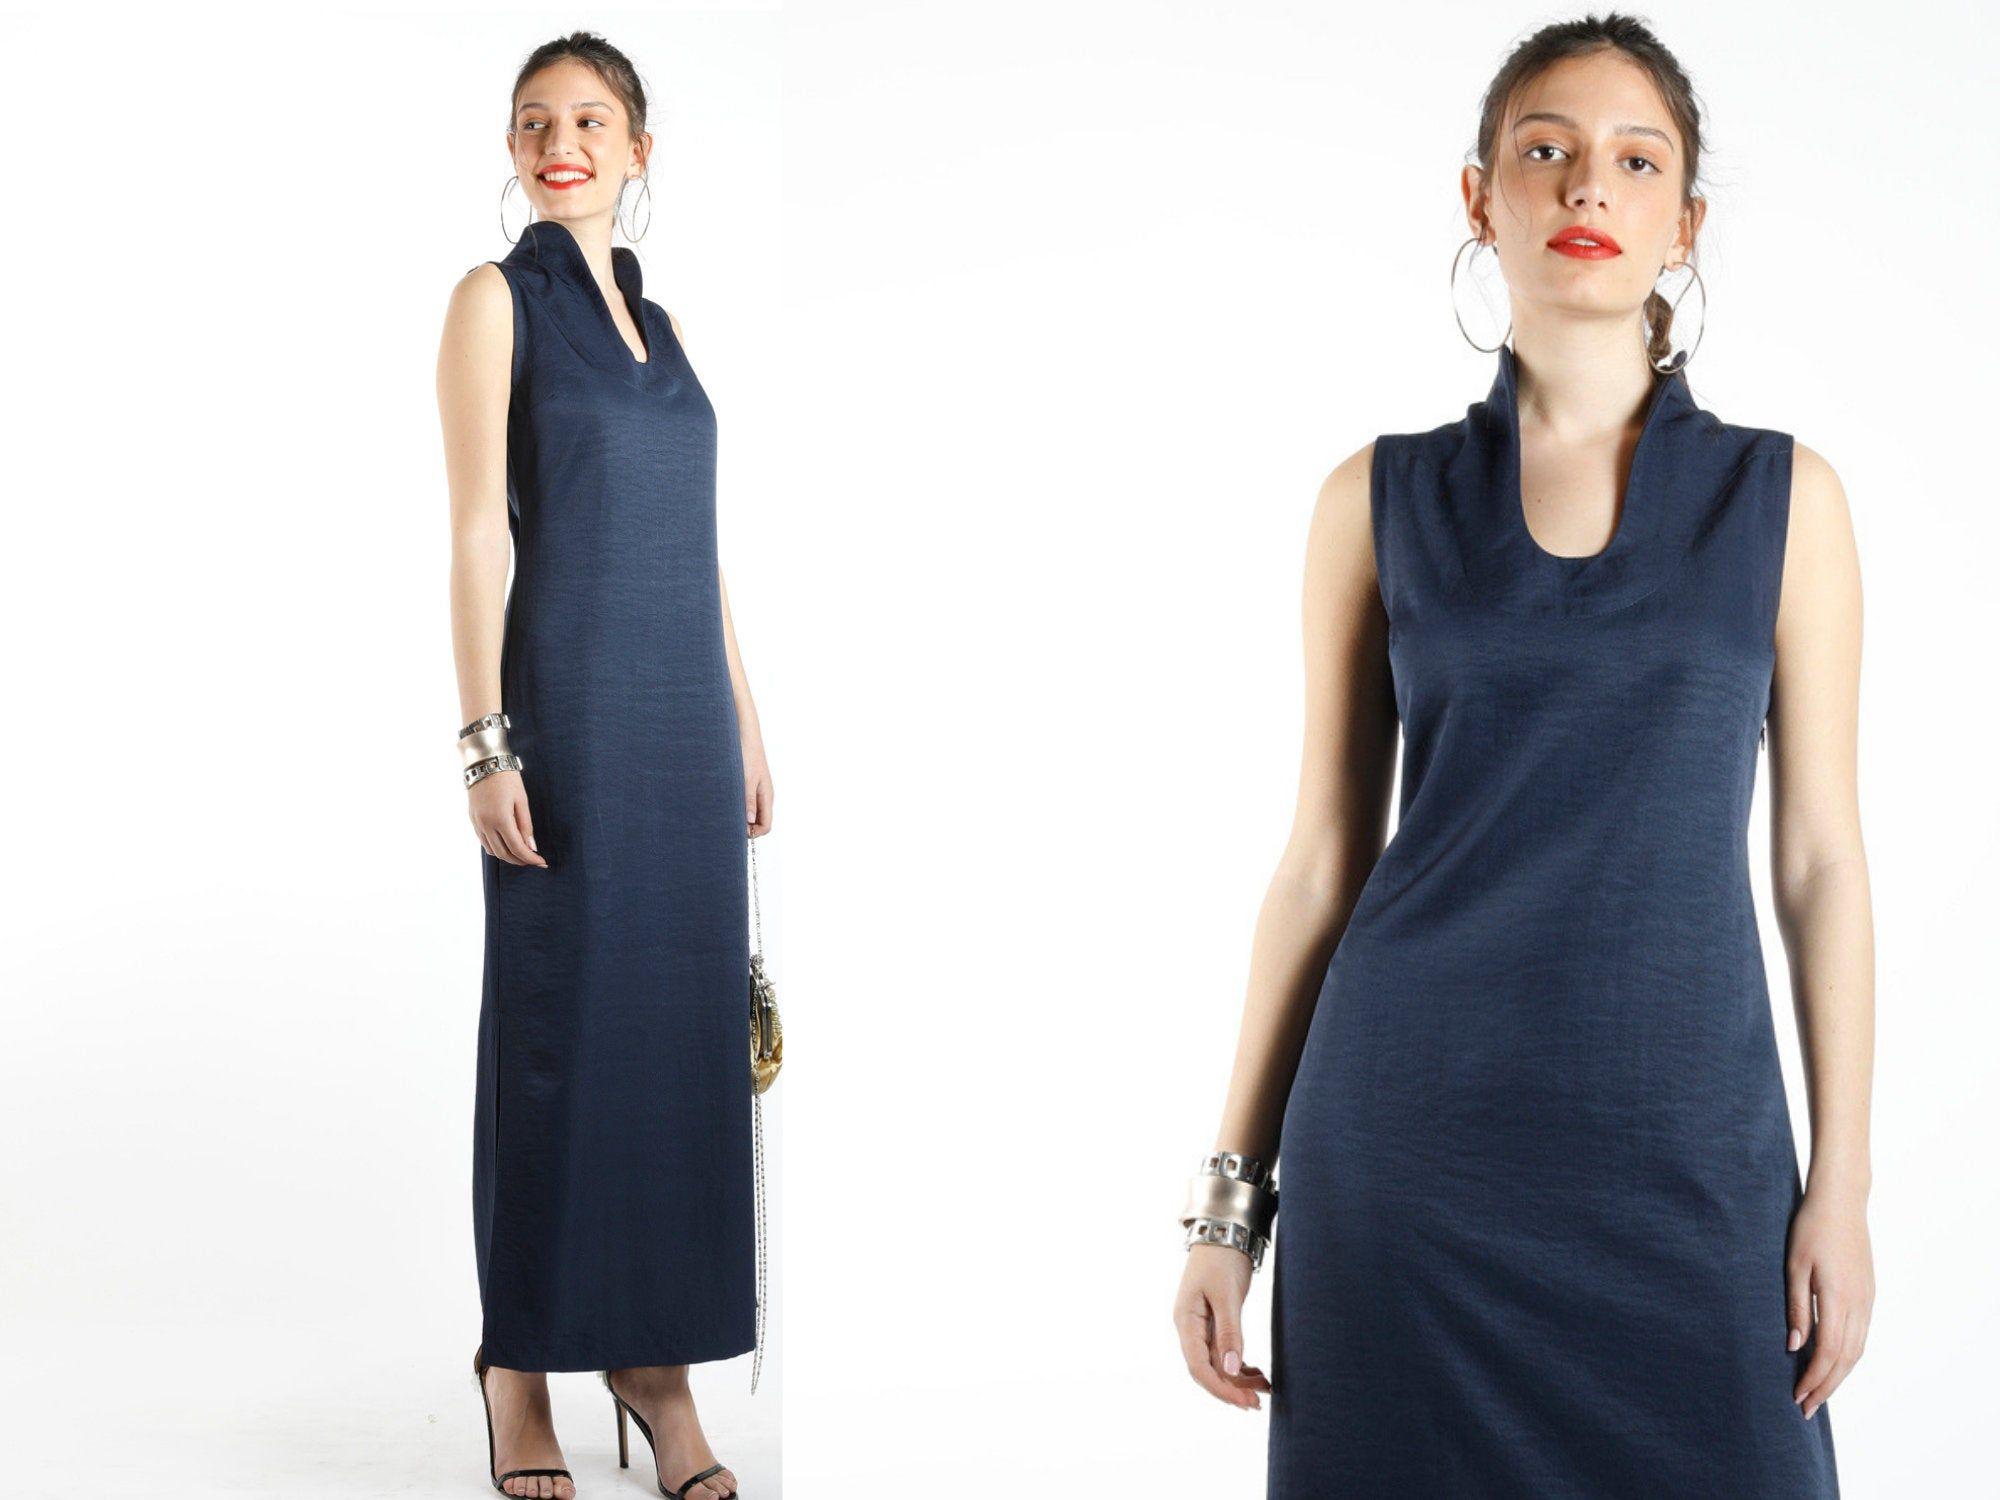 Collared Maxi Dress Navy Blue Maxi Dress Navy Blue Evening Dress Cupro Dress Sleeveless Dress Vintage Maxi Dress Holiday Clothes Cupro Dress Navy Blue Maxi Dress Vintage Maxi Dress